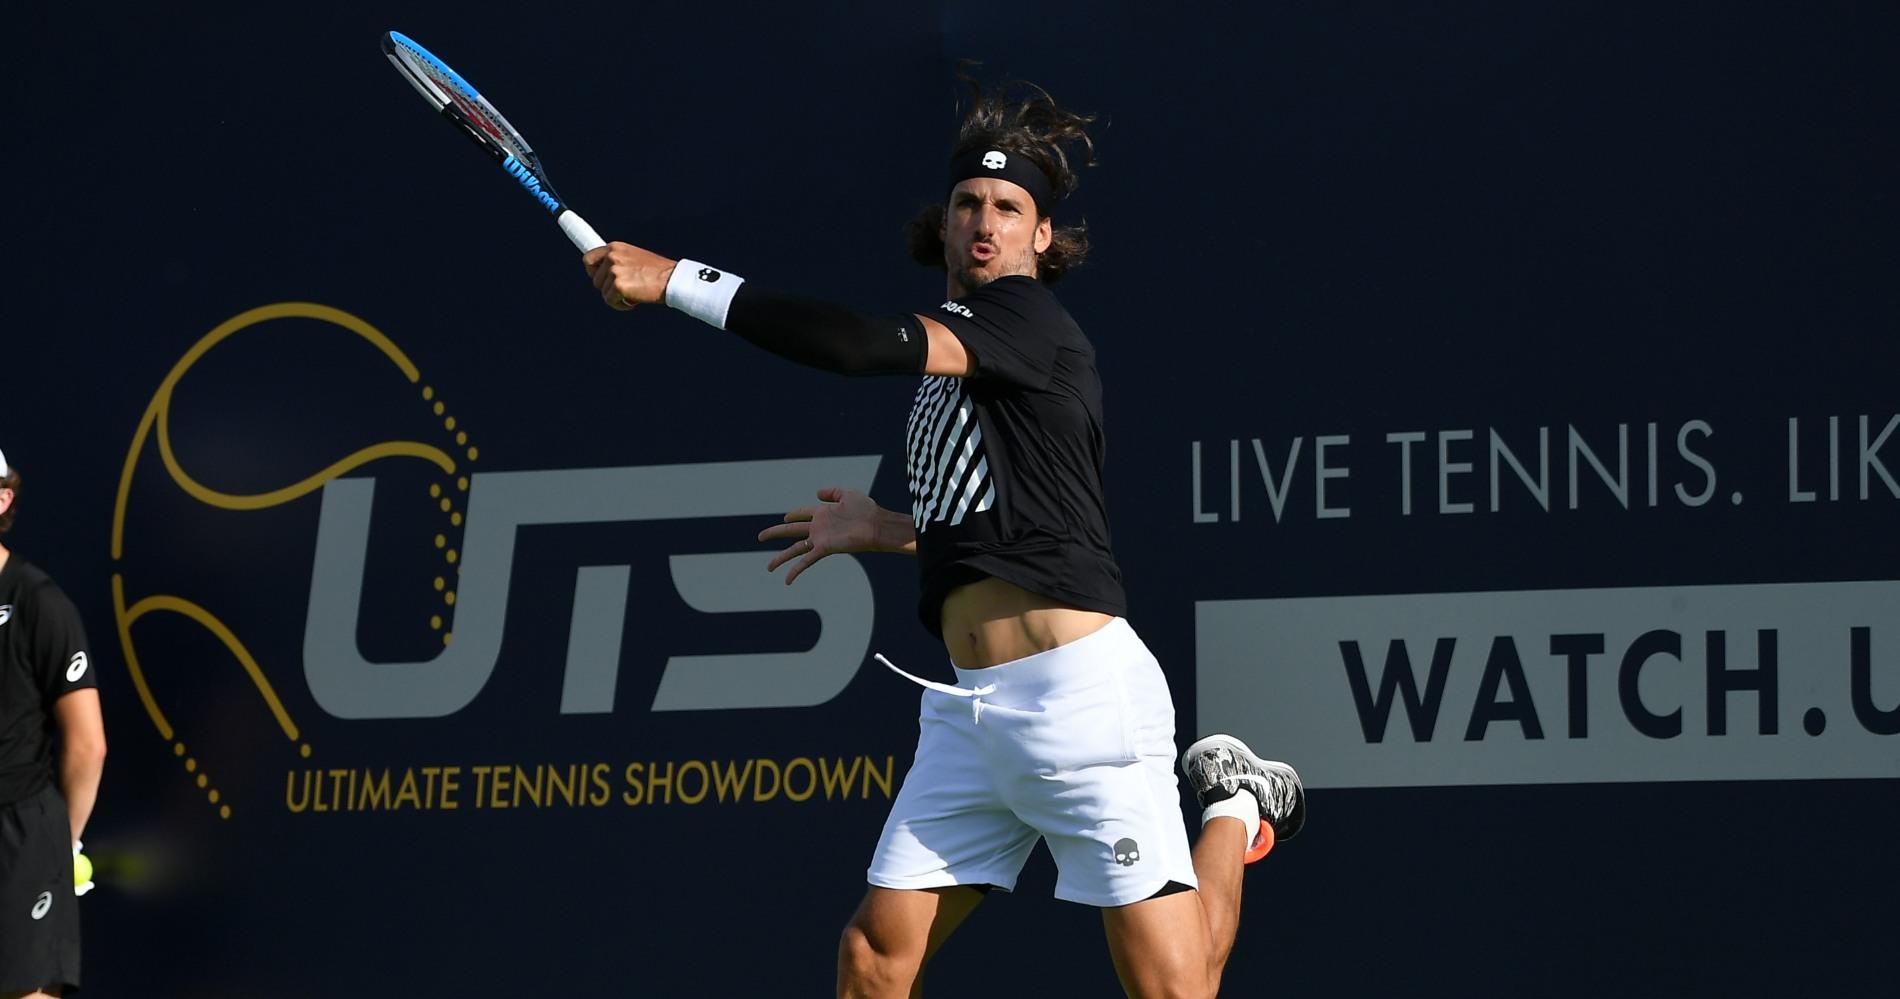 Andalucia Open 2021: Feliciano Lopez vs. Taro Daniel Tennis Pick and Prediction